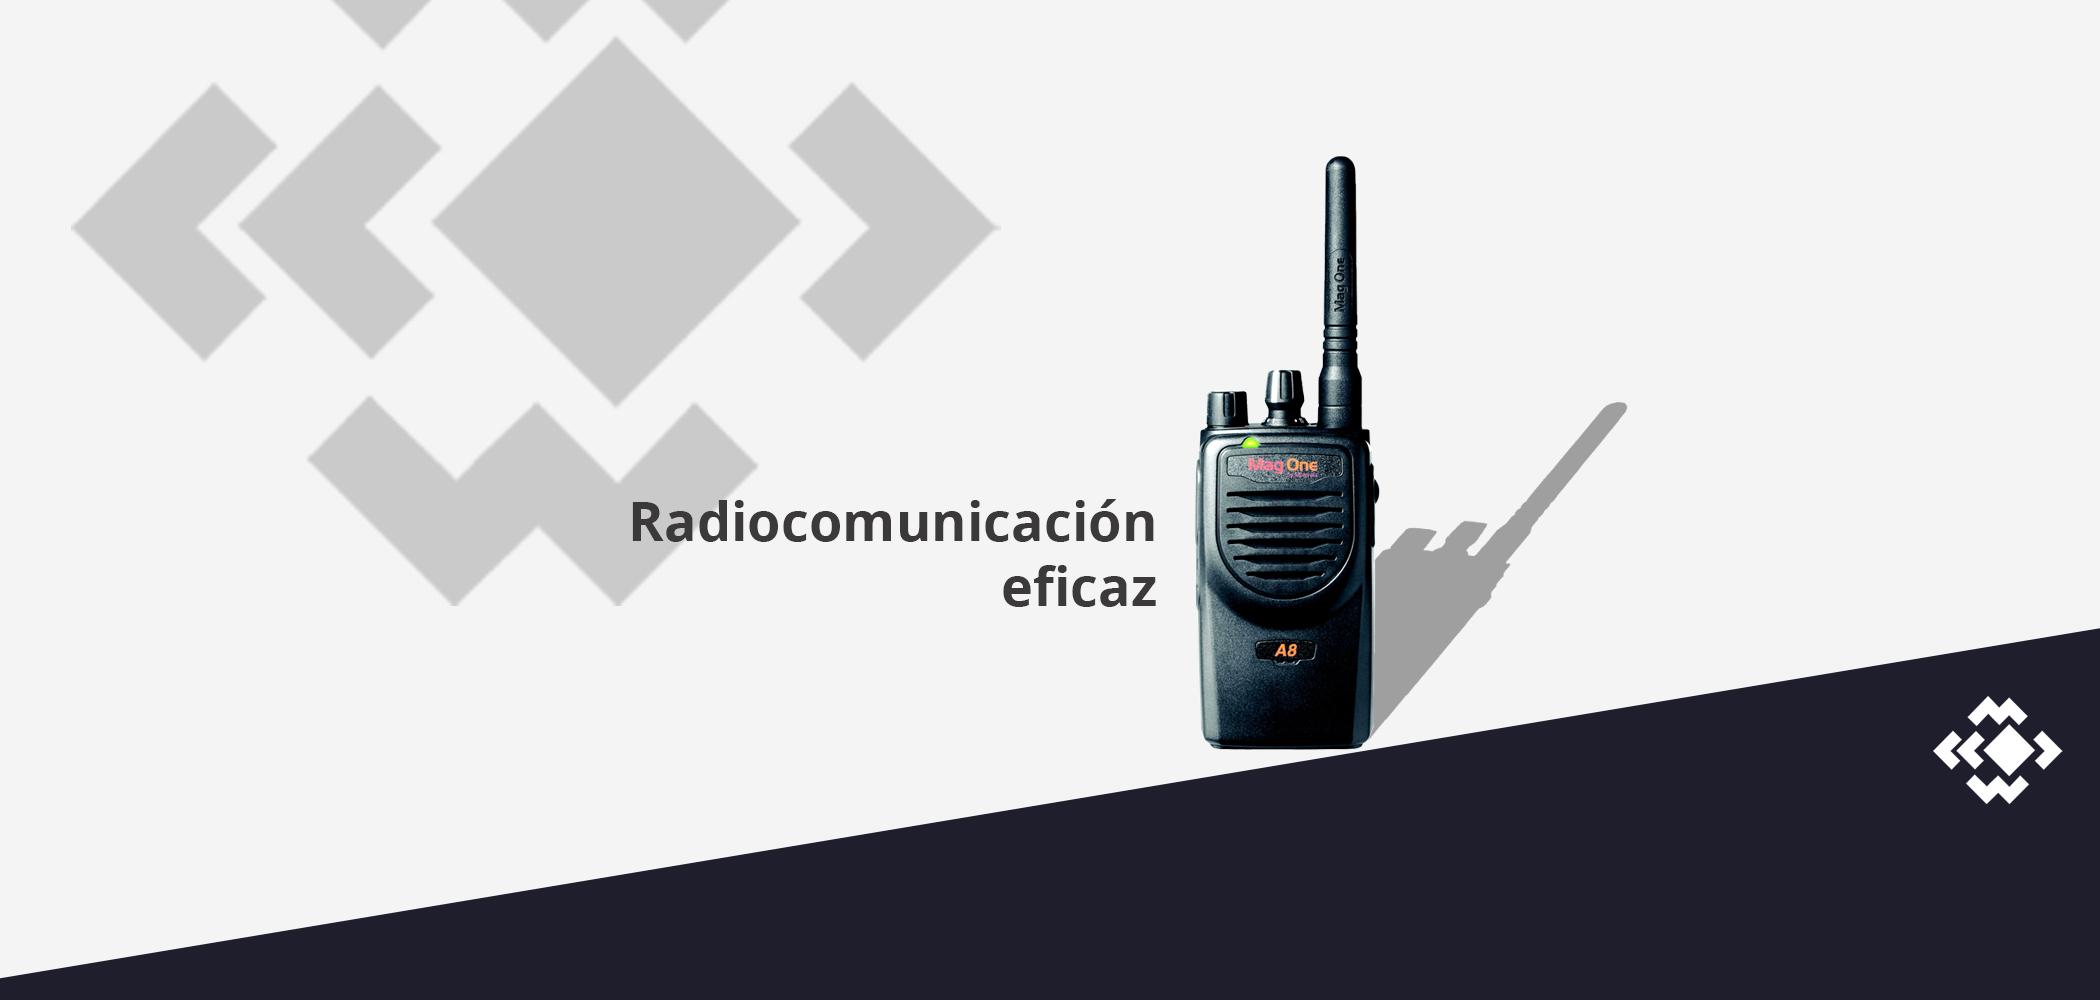 Radiocomunicación eficaz